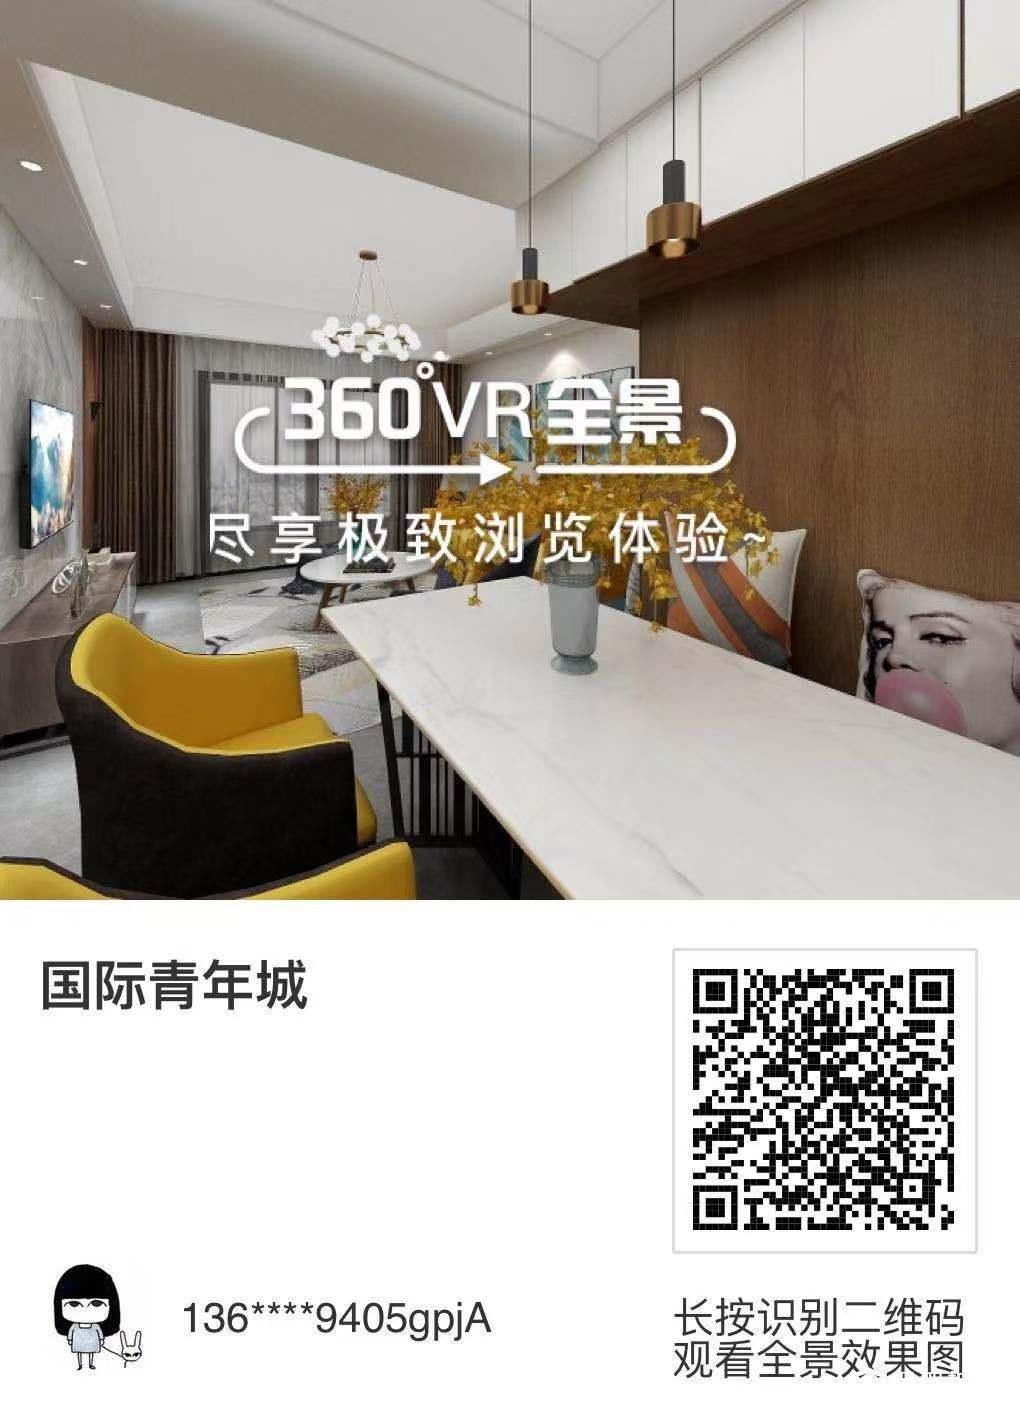 微信图片_20200107160610.jpg